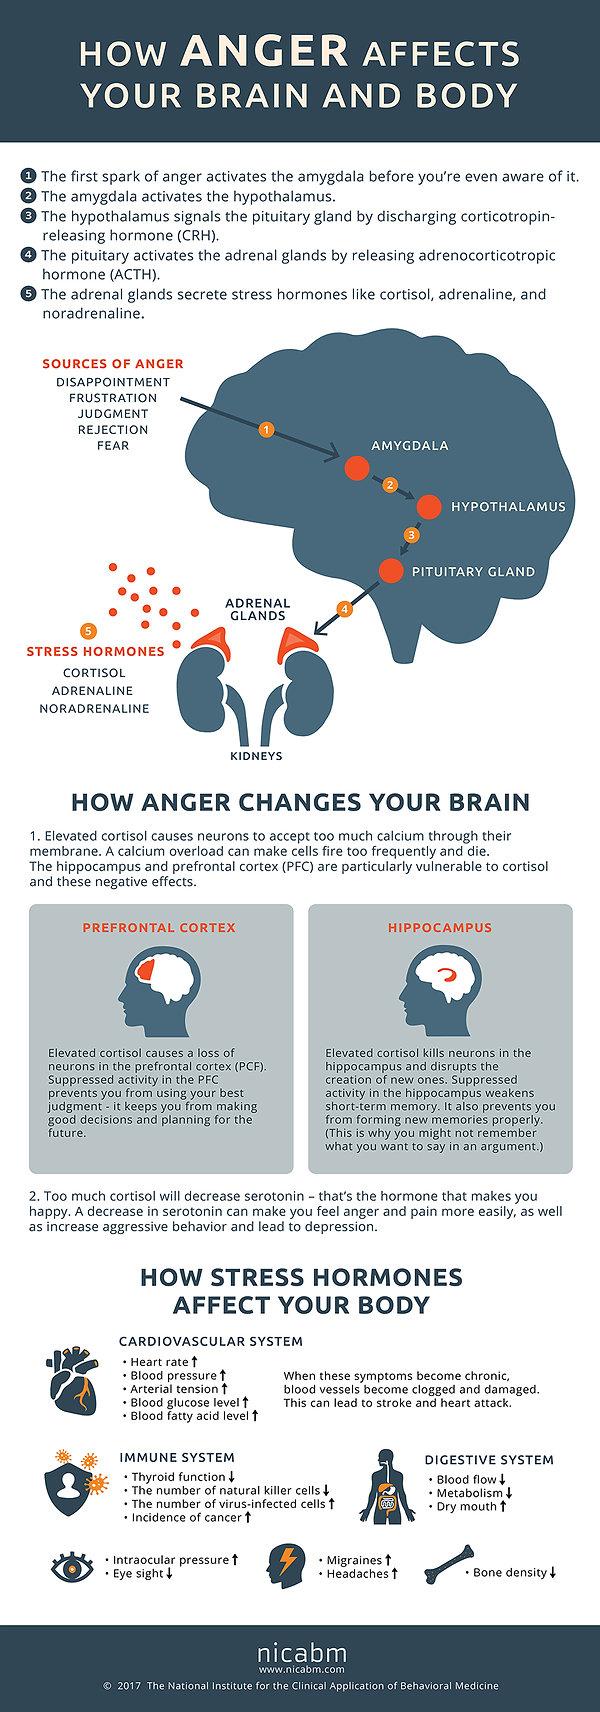 NICABM-Anger-Infographic1.jpg